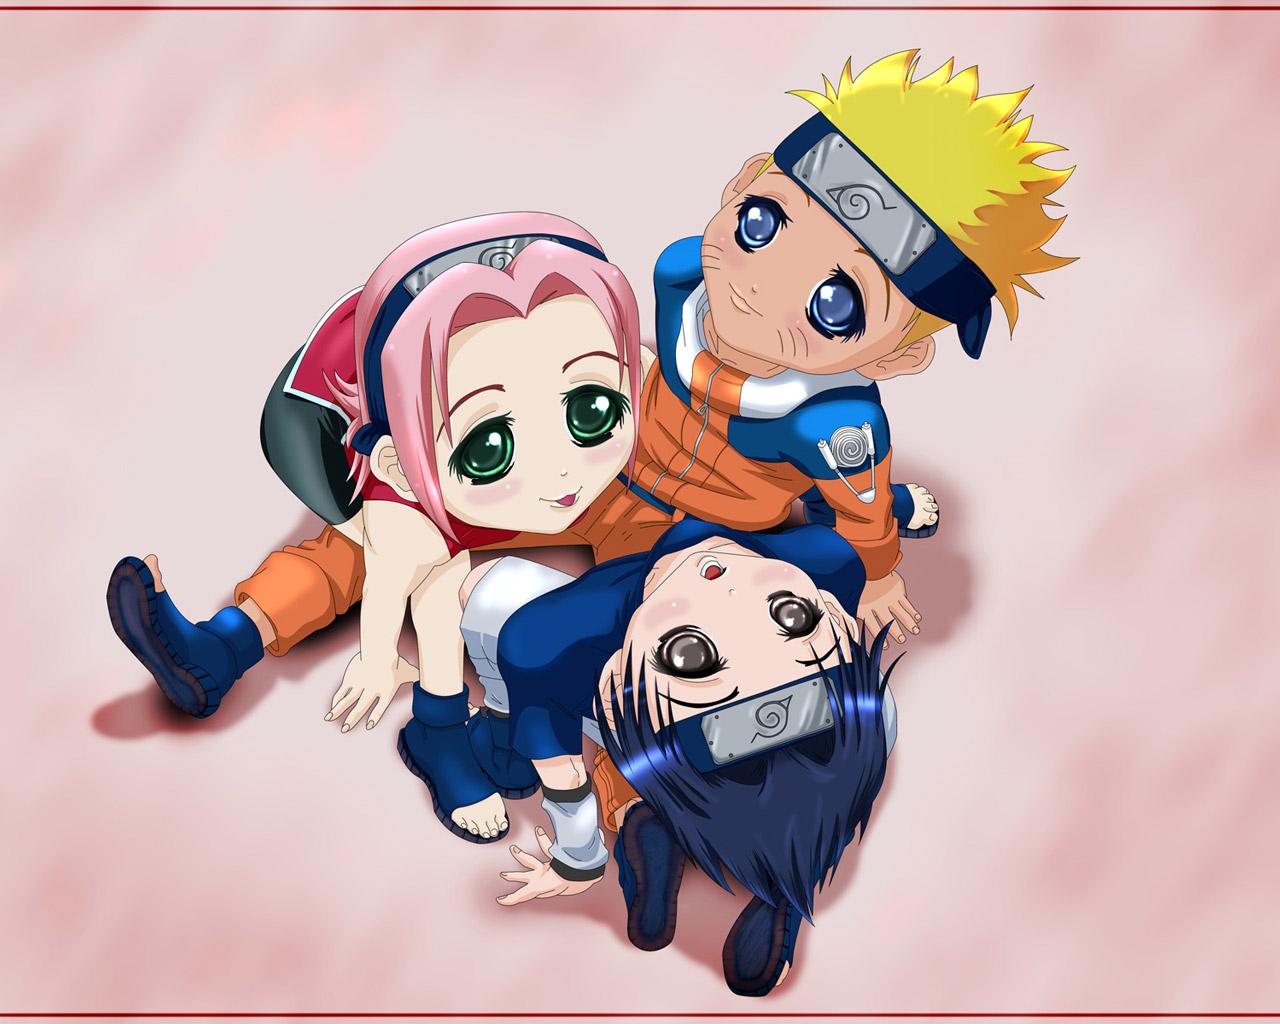 Download Wallpaper Naruto Cartoon - j4siFt  Image_466188.jpg